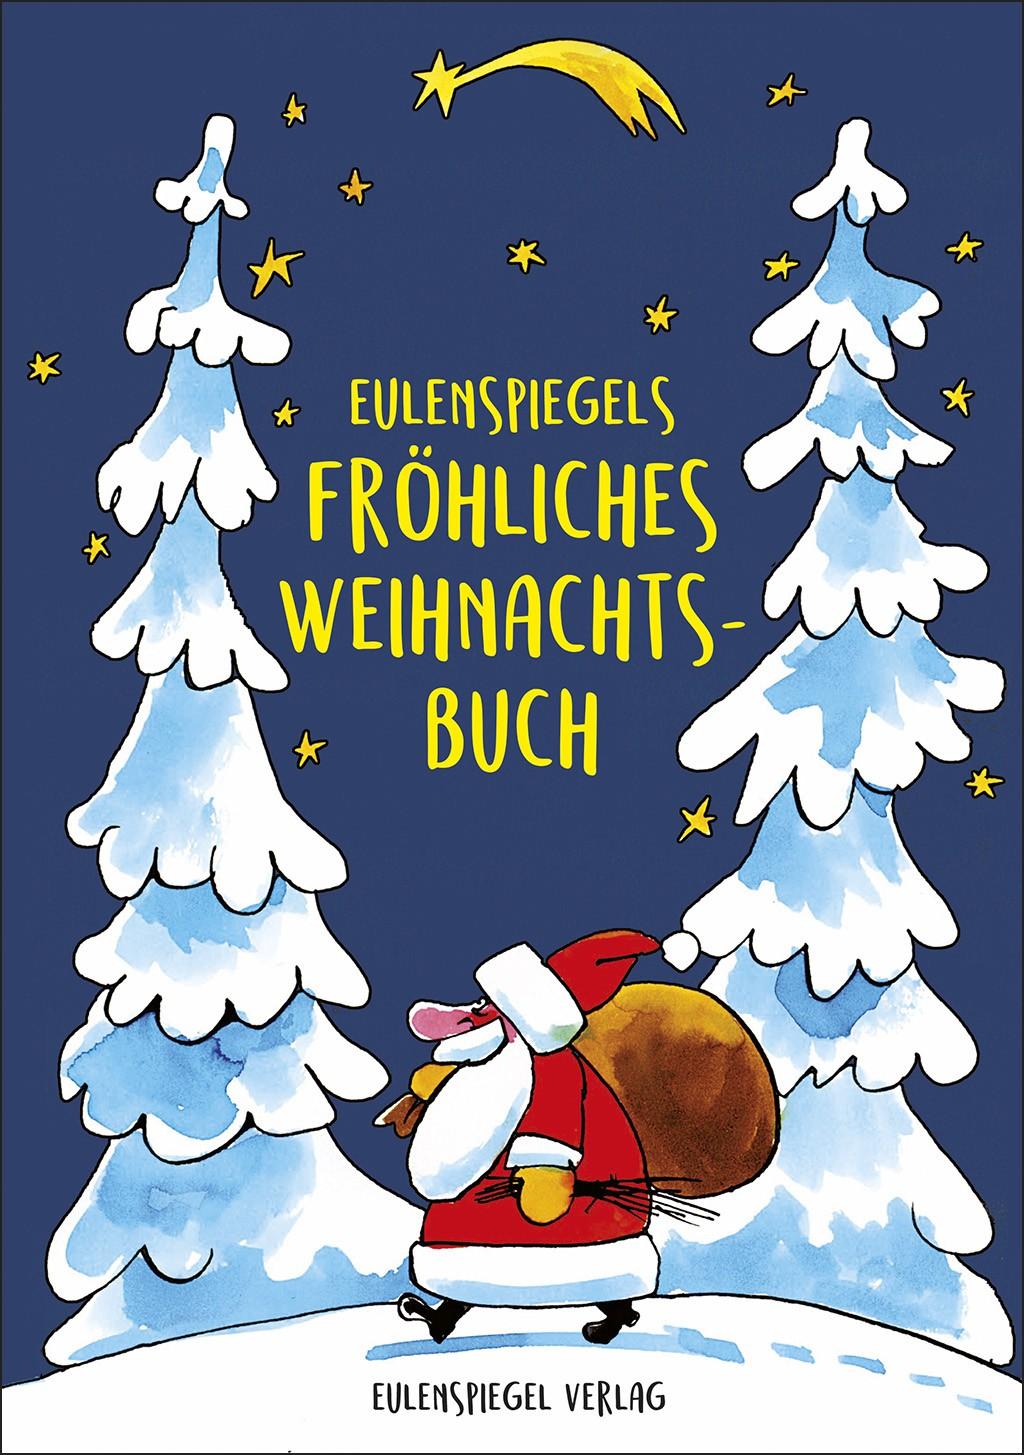 Eulenspiegels Fröhliches Weihnachtsbuch, Gewinnspiel, Adventskalender